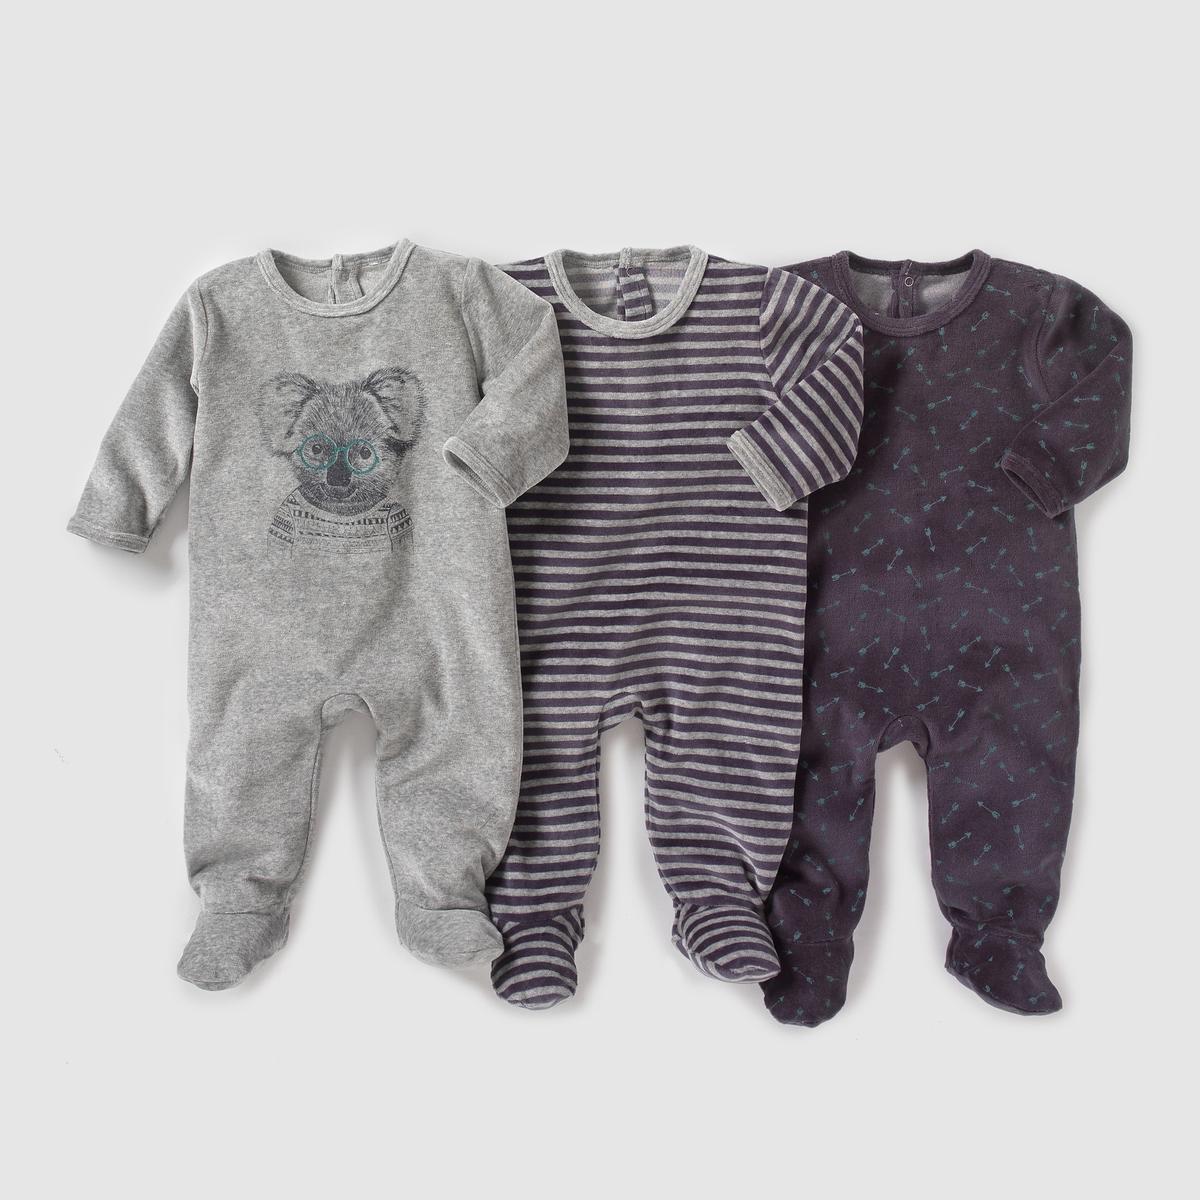 Комплект из 3 пижам из велюра, 0 мес. - 3 годаКомплект из 3 пижам из велюра. В комплект входят: 1 пижама в полоску + 1 пижама с рисунком стрелы + 1 однотонная пижама с рисунком коала спереди. Клапан на кнопках и застежка на кнопки сзади. Нескользящие носочки начиная с размера на 12 мес. (74 см) с эластичной вставкой сзади для лучшей поддержки.Состав и описаниеМатериал      75% хлопка, 25% полиэстера Марка       R ?ditionУходСтирать и гладить с изнаночной стороныМашинная стирка при 30 °C в умеренном режиме с вещами схожих цветовМашинная сушка на умеренном режимеГладить при низкой температуре.Знак марки отпечатан с внутренней стороны и не напечатан на пришитой этикетке сзади, чтобы не вызвать раздражение или зуд на коже ребенка.<br><br>Цвет: серый меланж + в полоску + черный<br>Размер: 18 мес. - 81 см